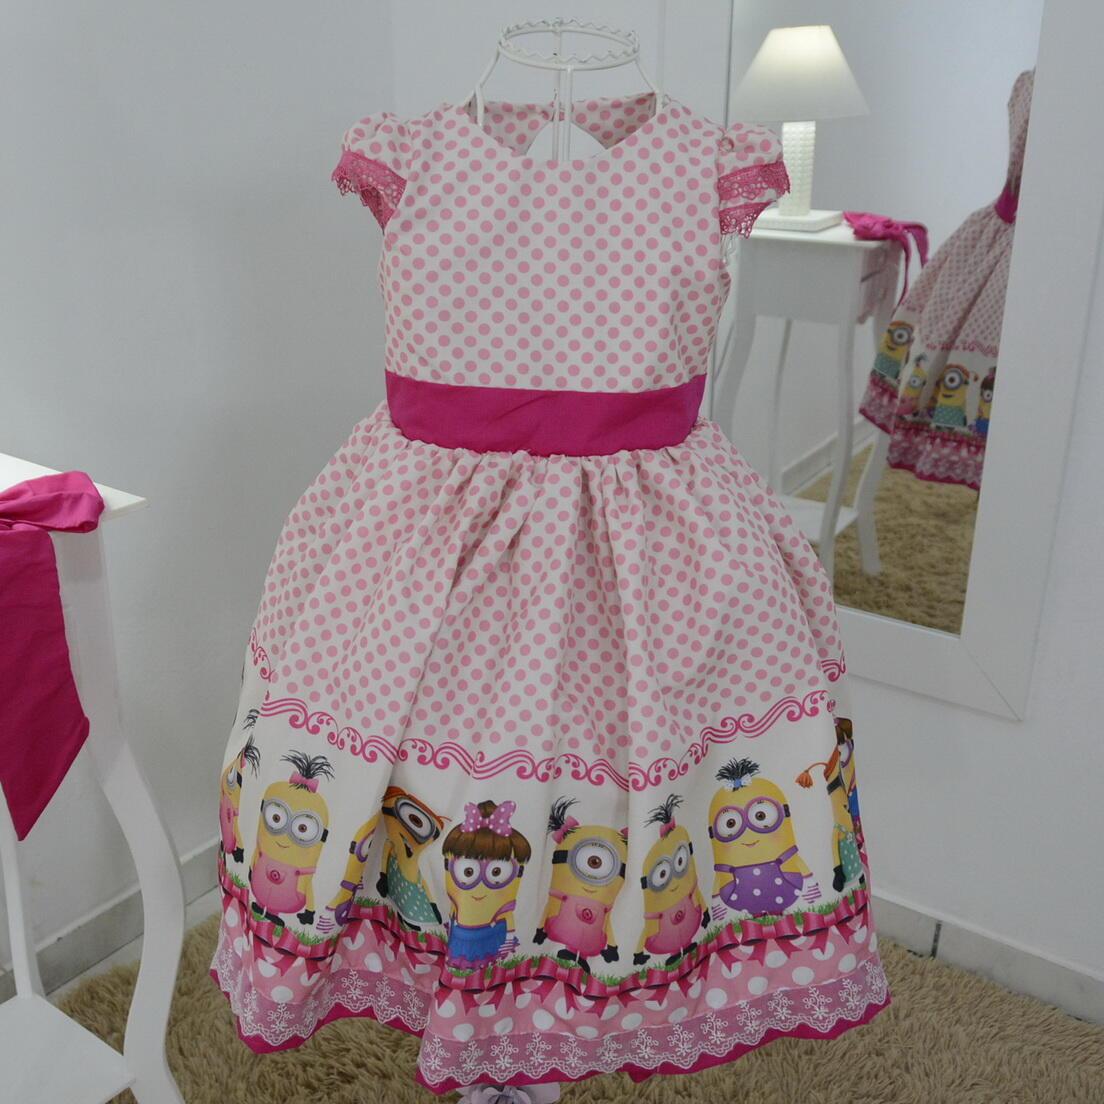 Vestido infantil dos Minions com laço superluxo